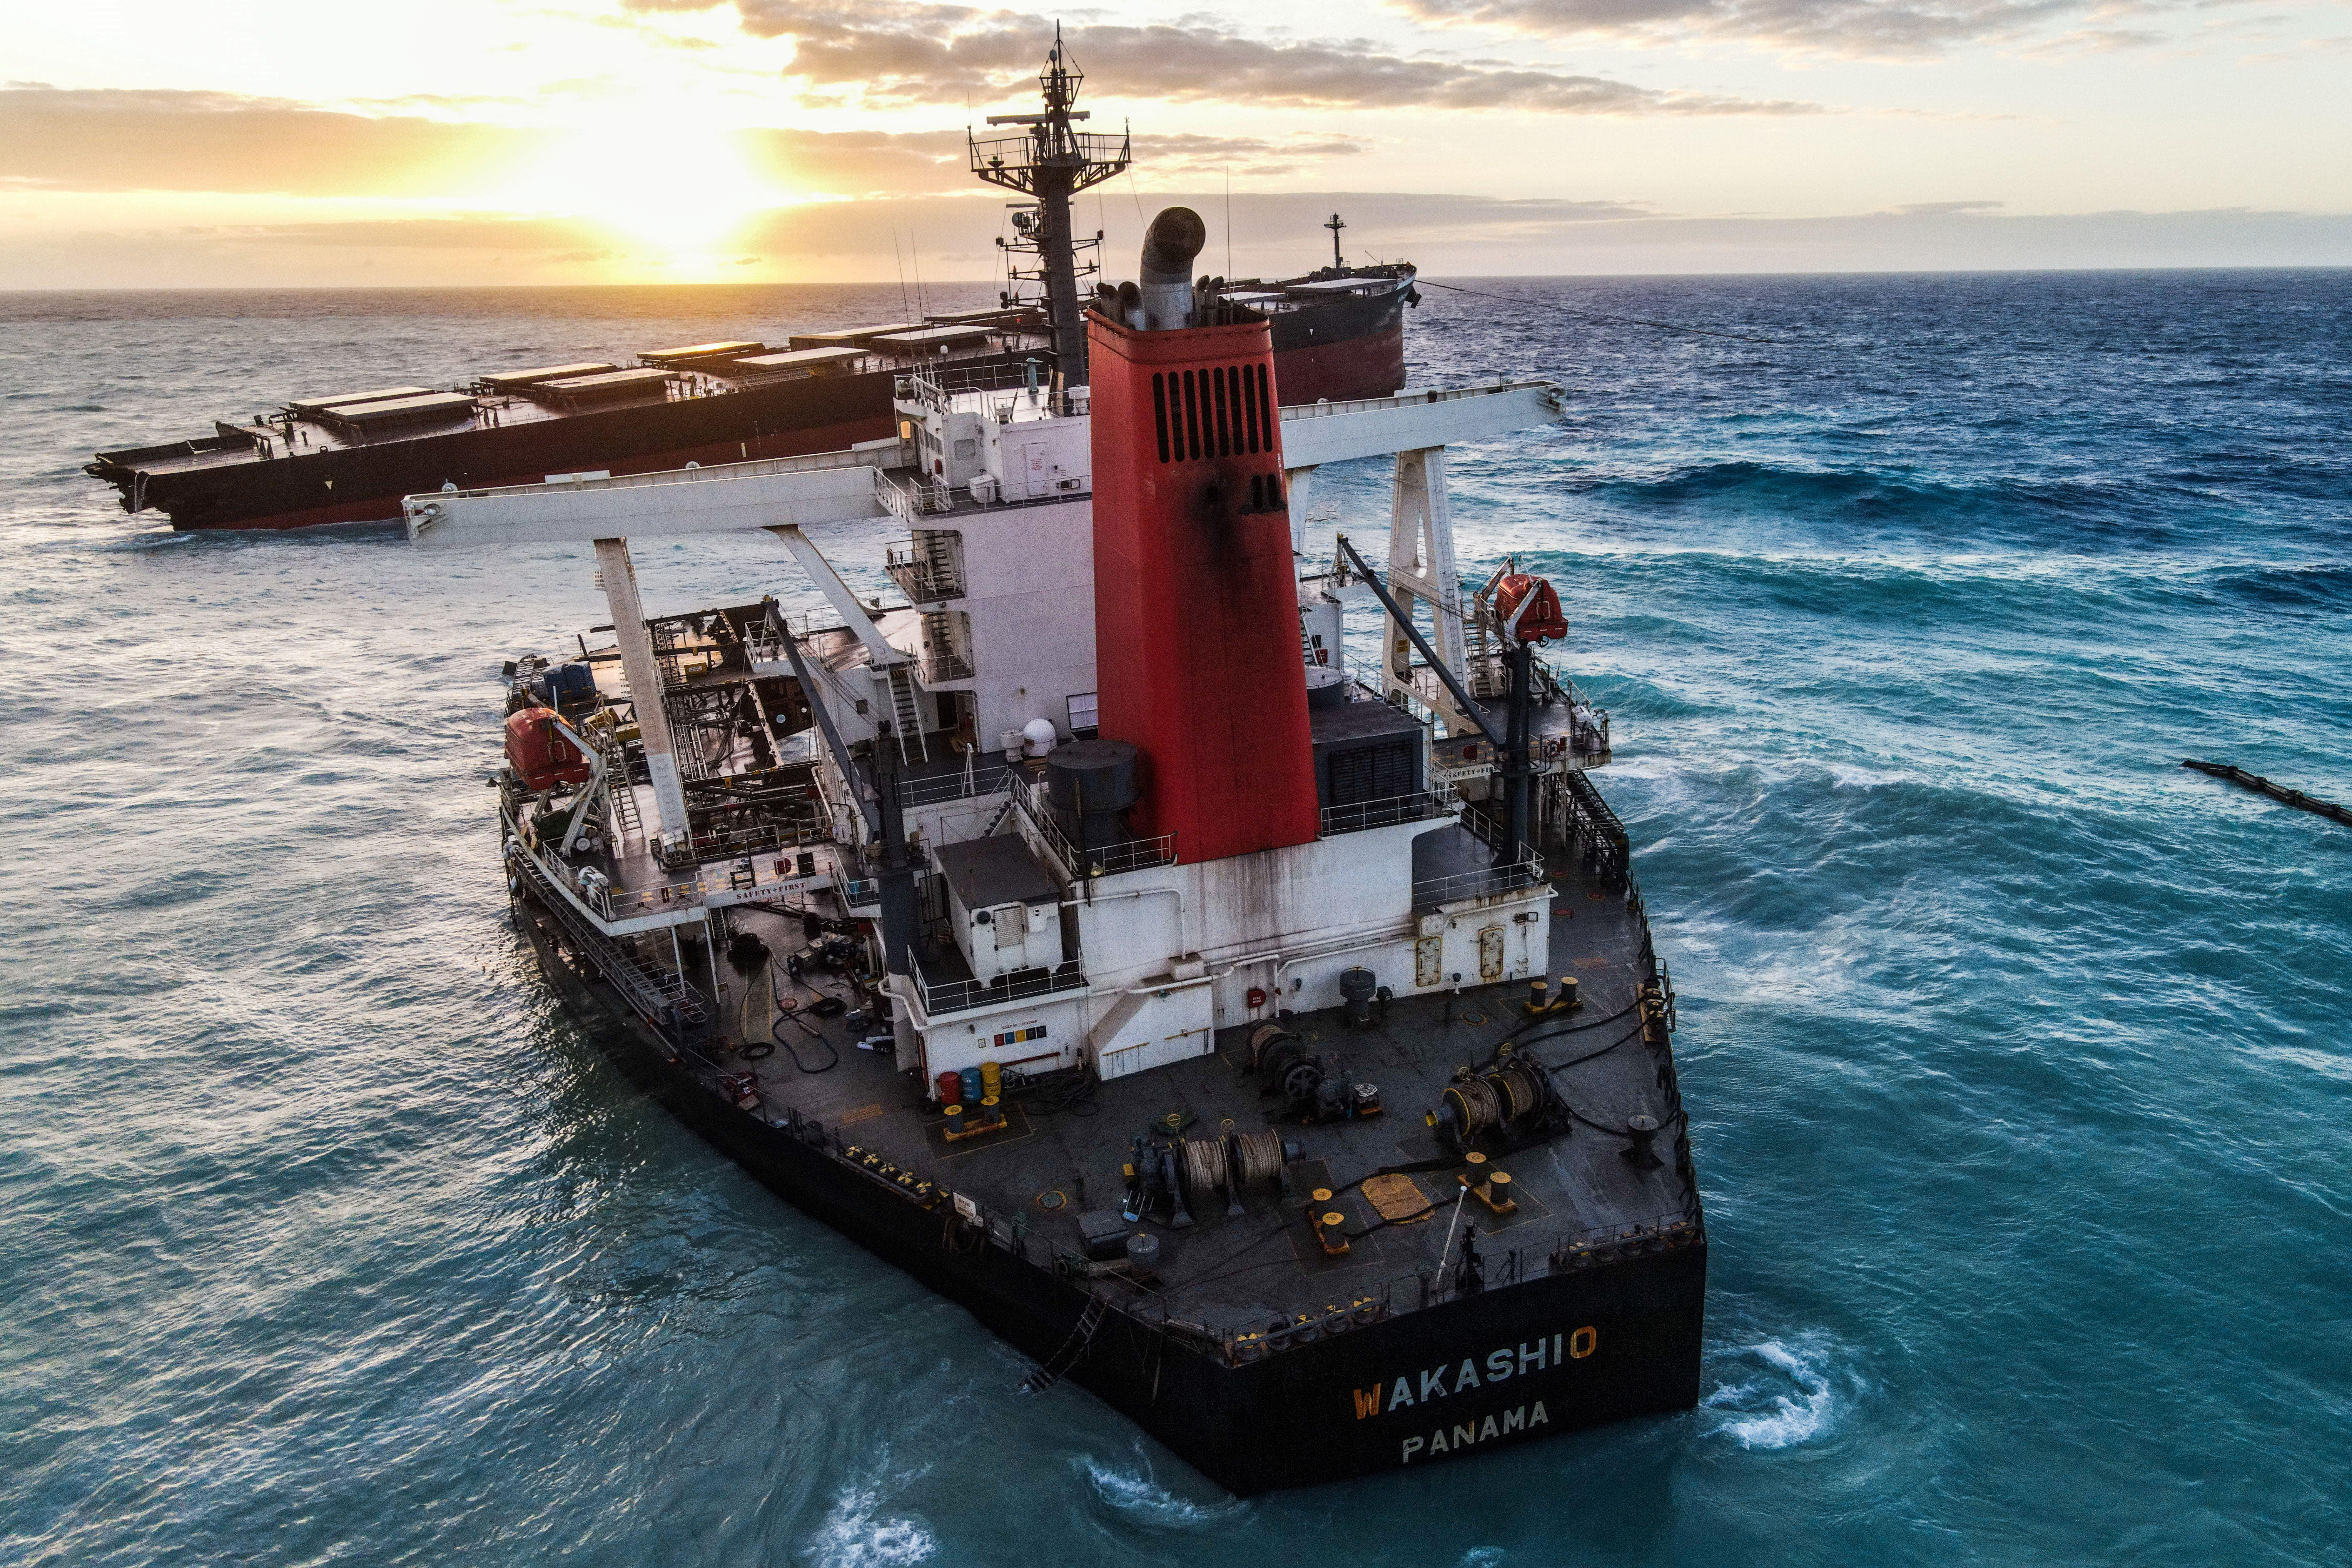 Rejtély, miért haladt a parthoz veszélyesen közel a környezeti katasztrófát okozó teherhajó